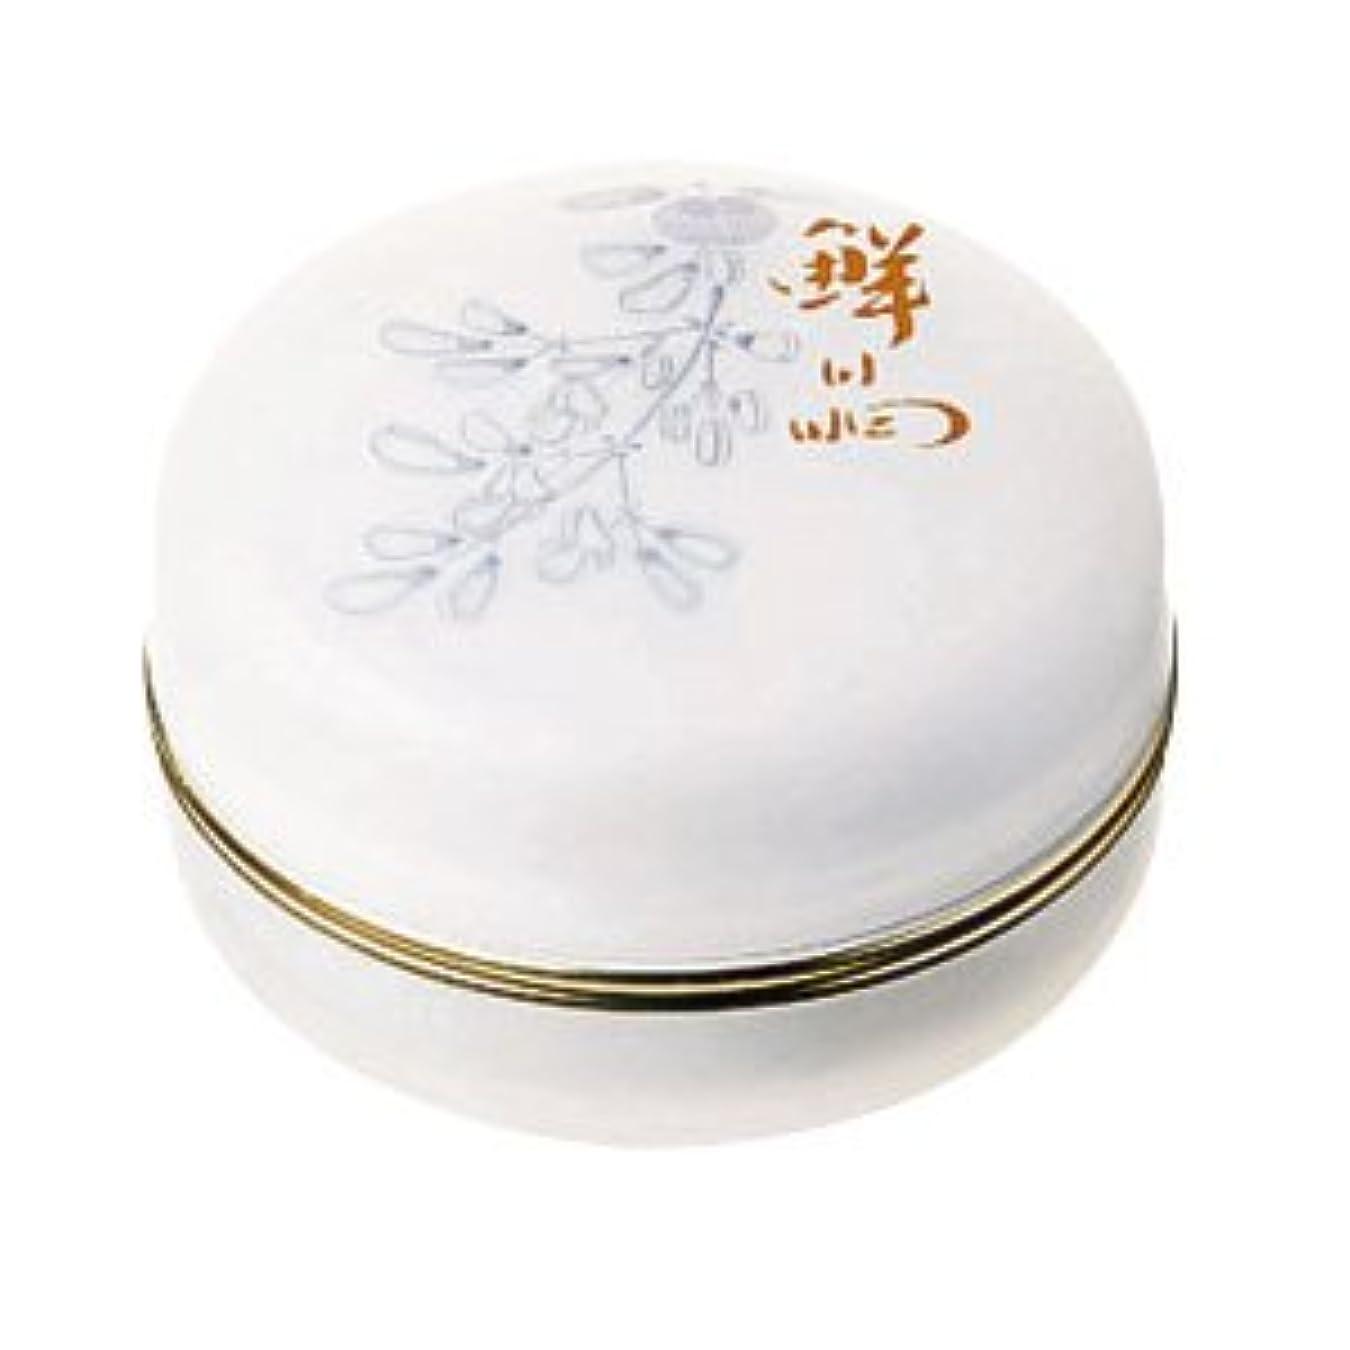 いいね温かい瞑想するオッペン 薬用妙 薬用鮮晶(せんしょう)<医薬部外品>(80g)